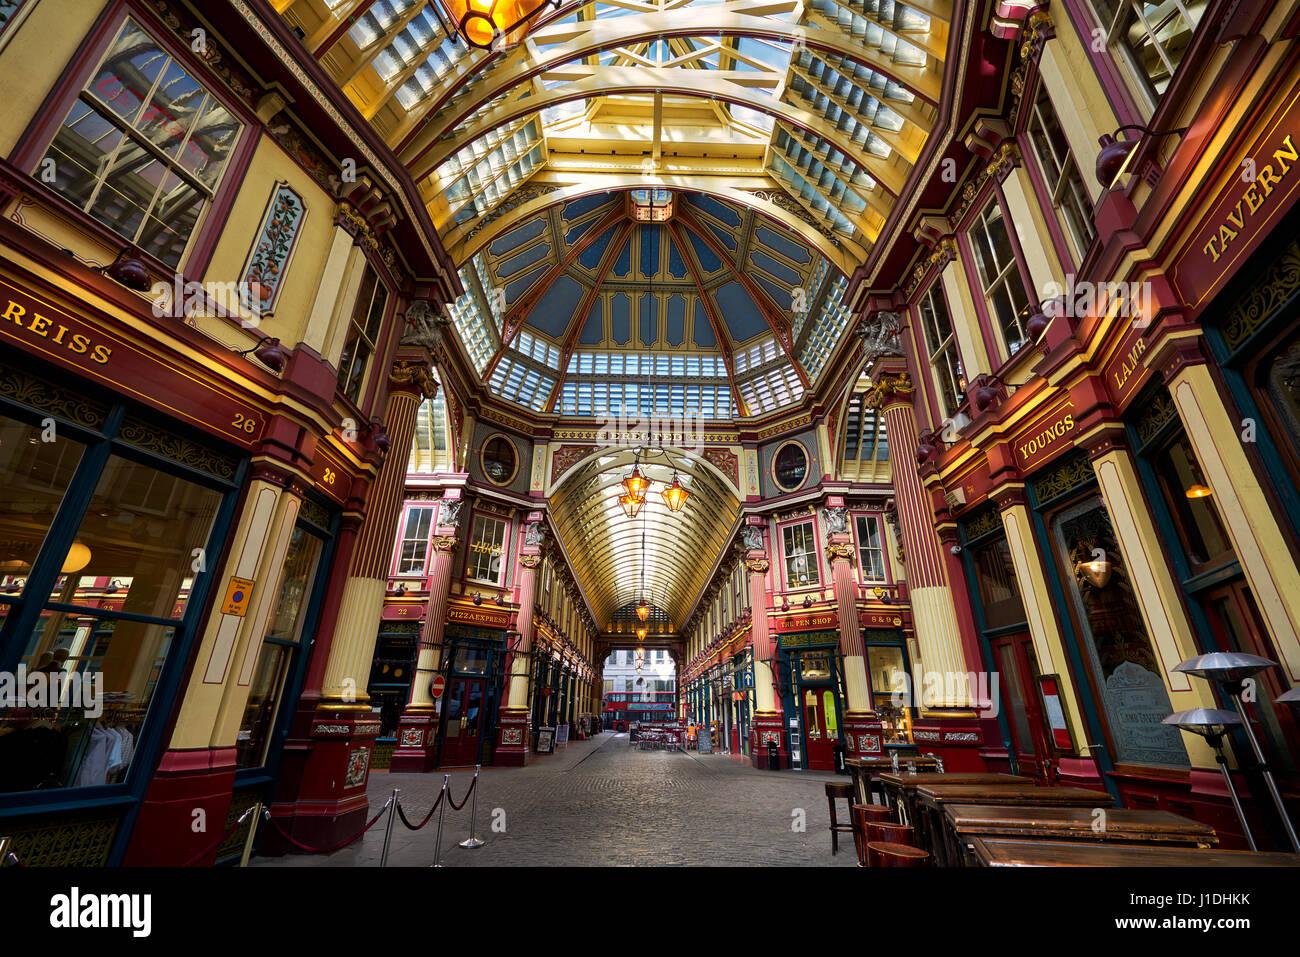 Leadenhall Market in London. Es ist einer der ältesten Märkte in London, aus dem 14. Jahrhundert. Stockbild